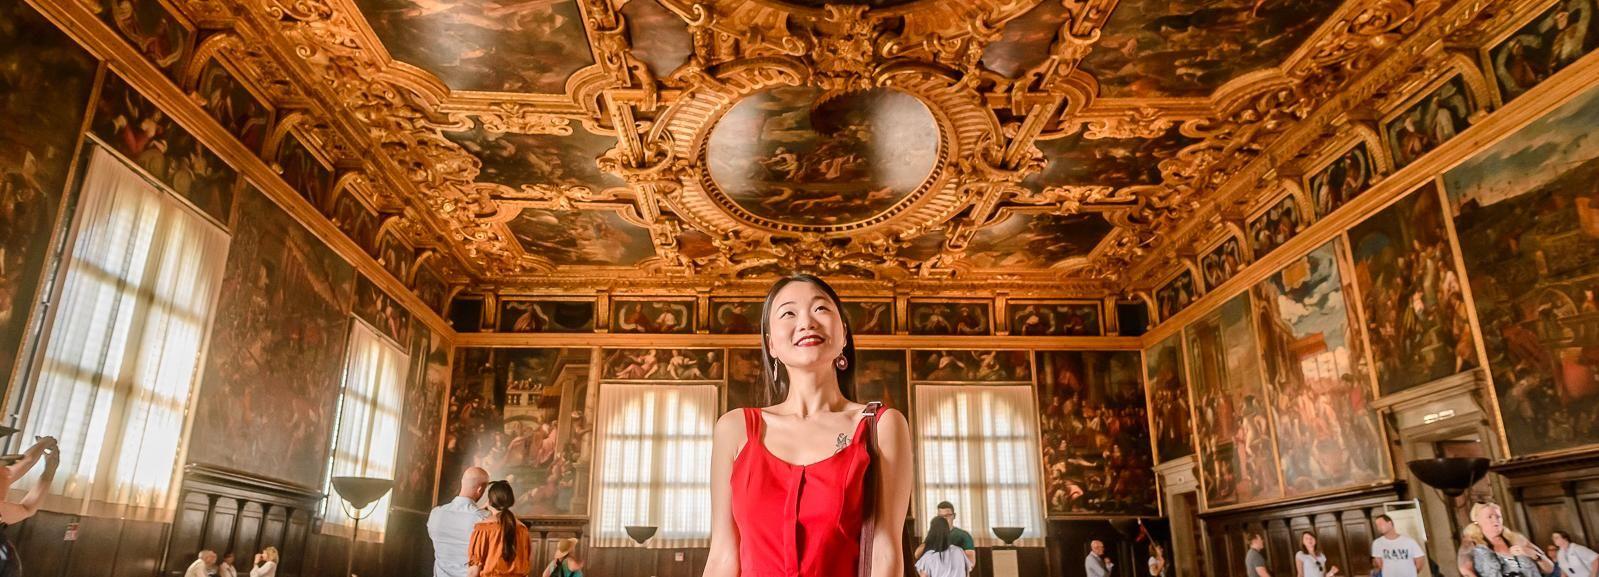 Venezia: Palazzo Ducale, Basilica di San Marco e terrazza